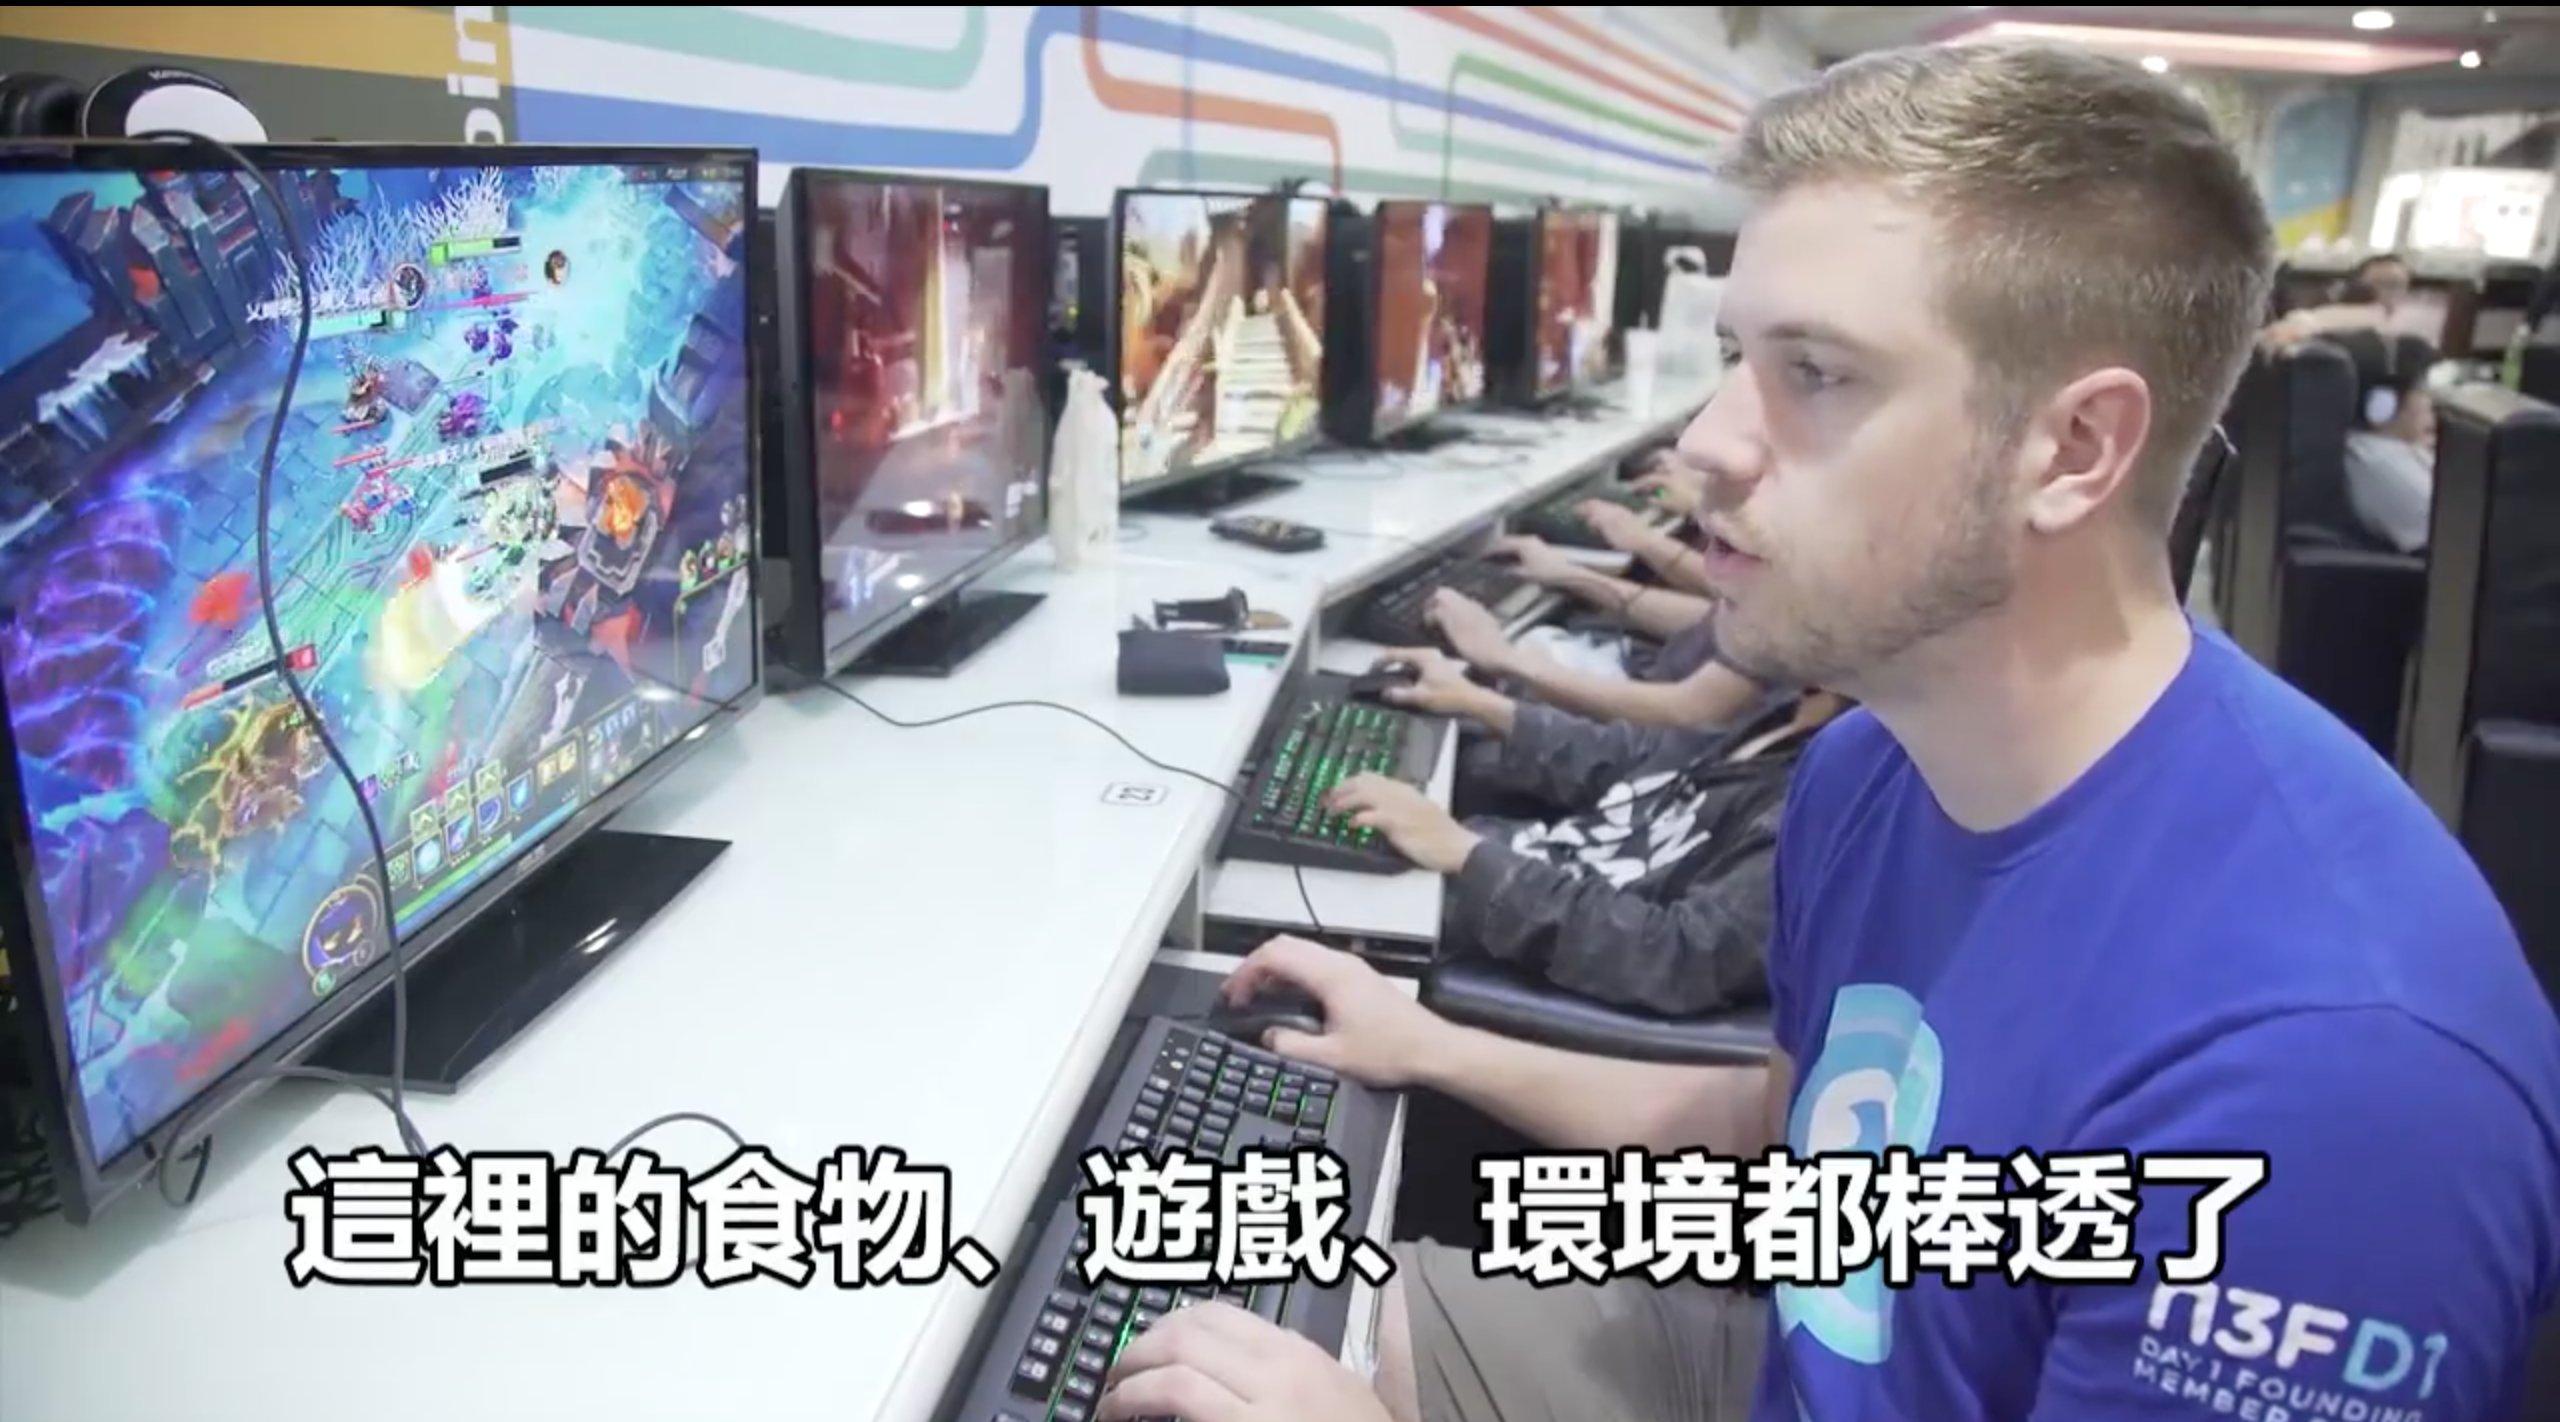 e89ea2e5b995e5bfabe785a7 2017 12 05 e4b88be58d8812 38 13 2 - 外國人眼裡的網咖 究竟是台灣之恥還是台灣之光?